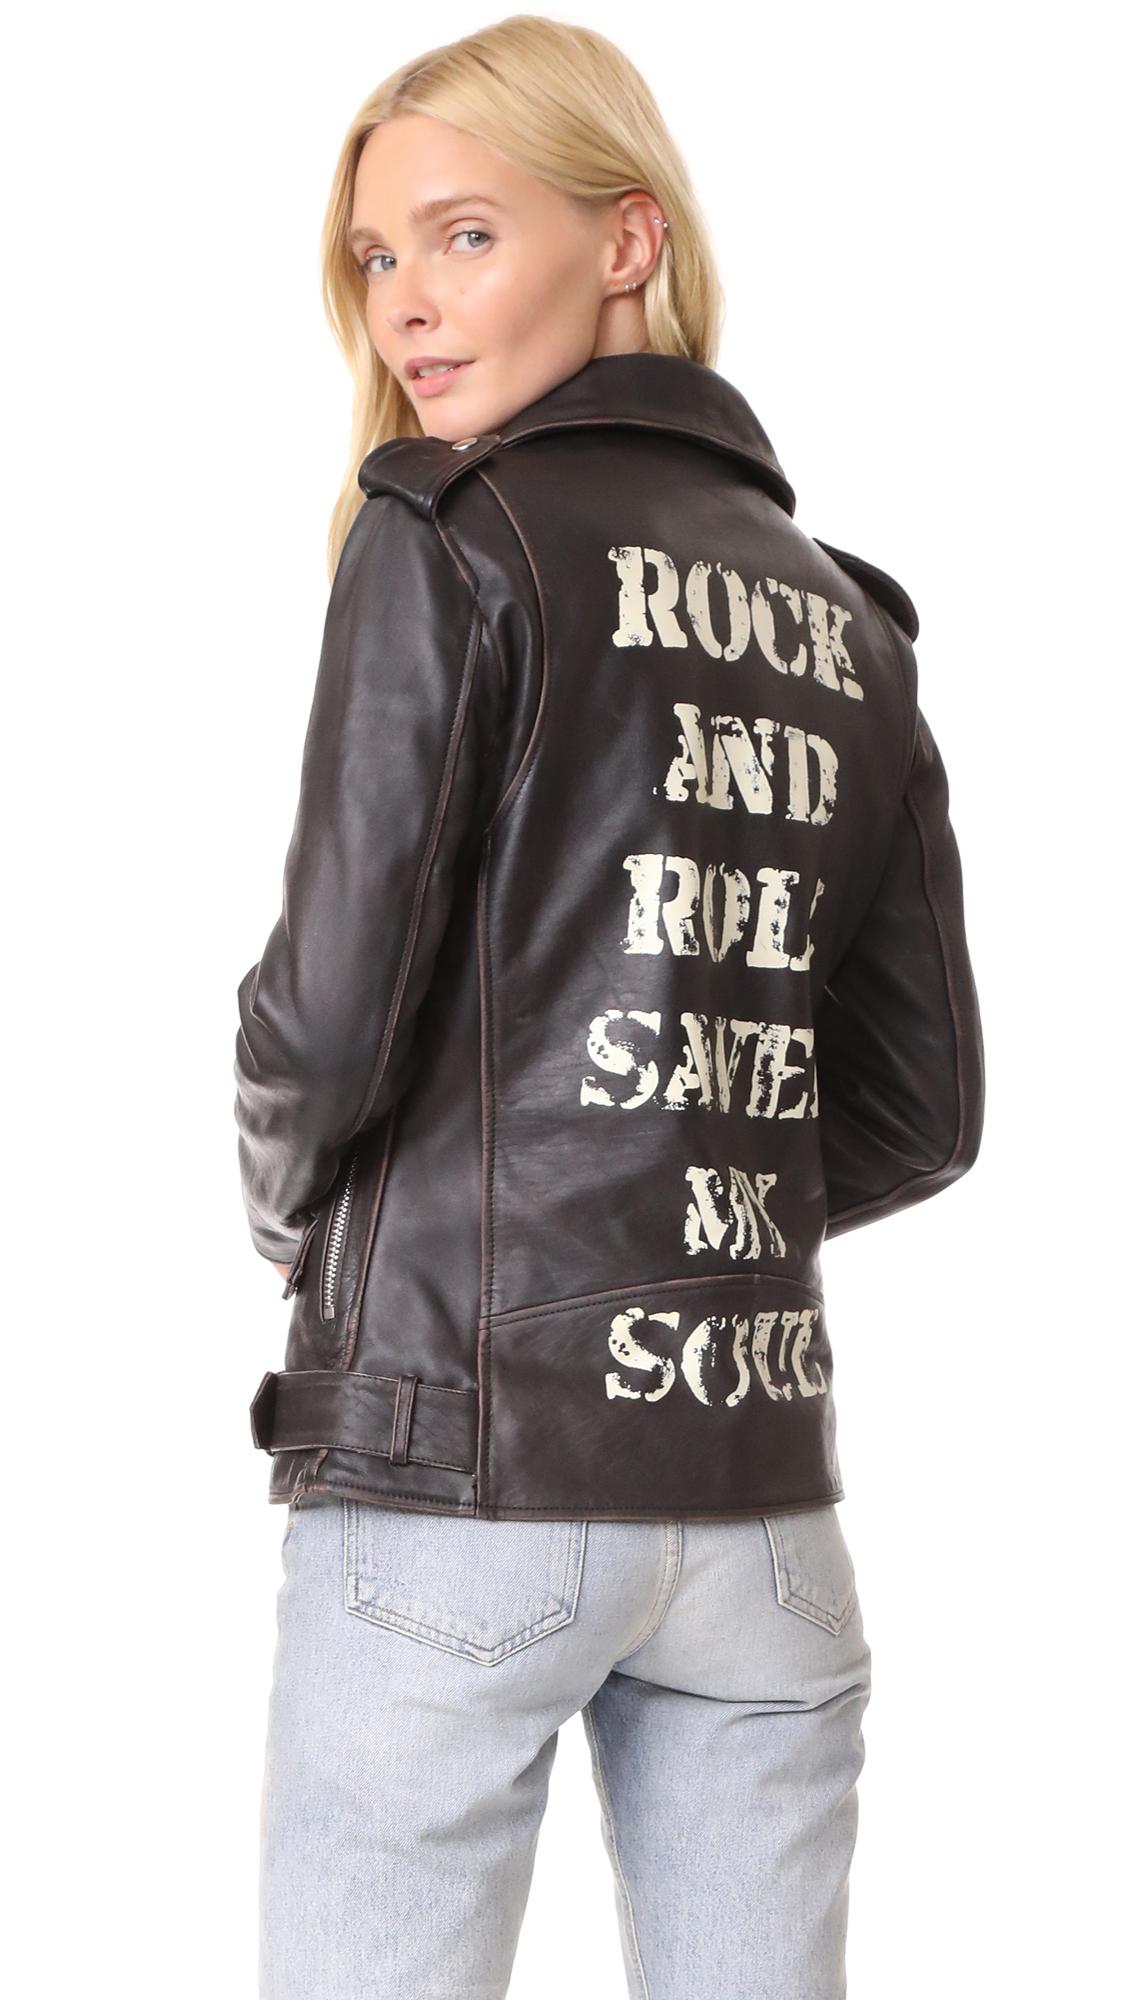 Christian Benner Rock n Roll Back Jacket - Black